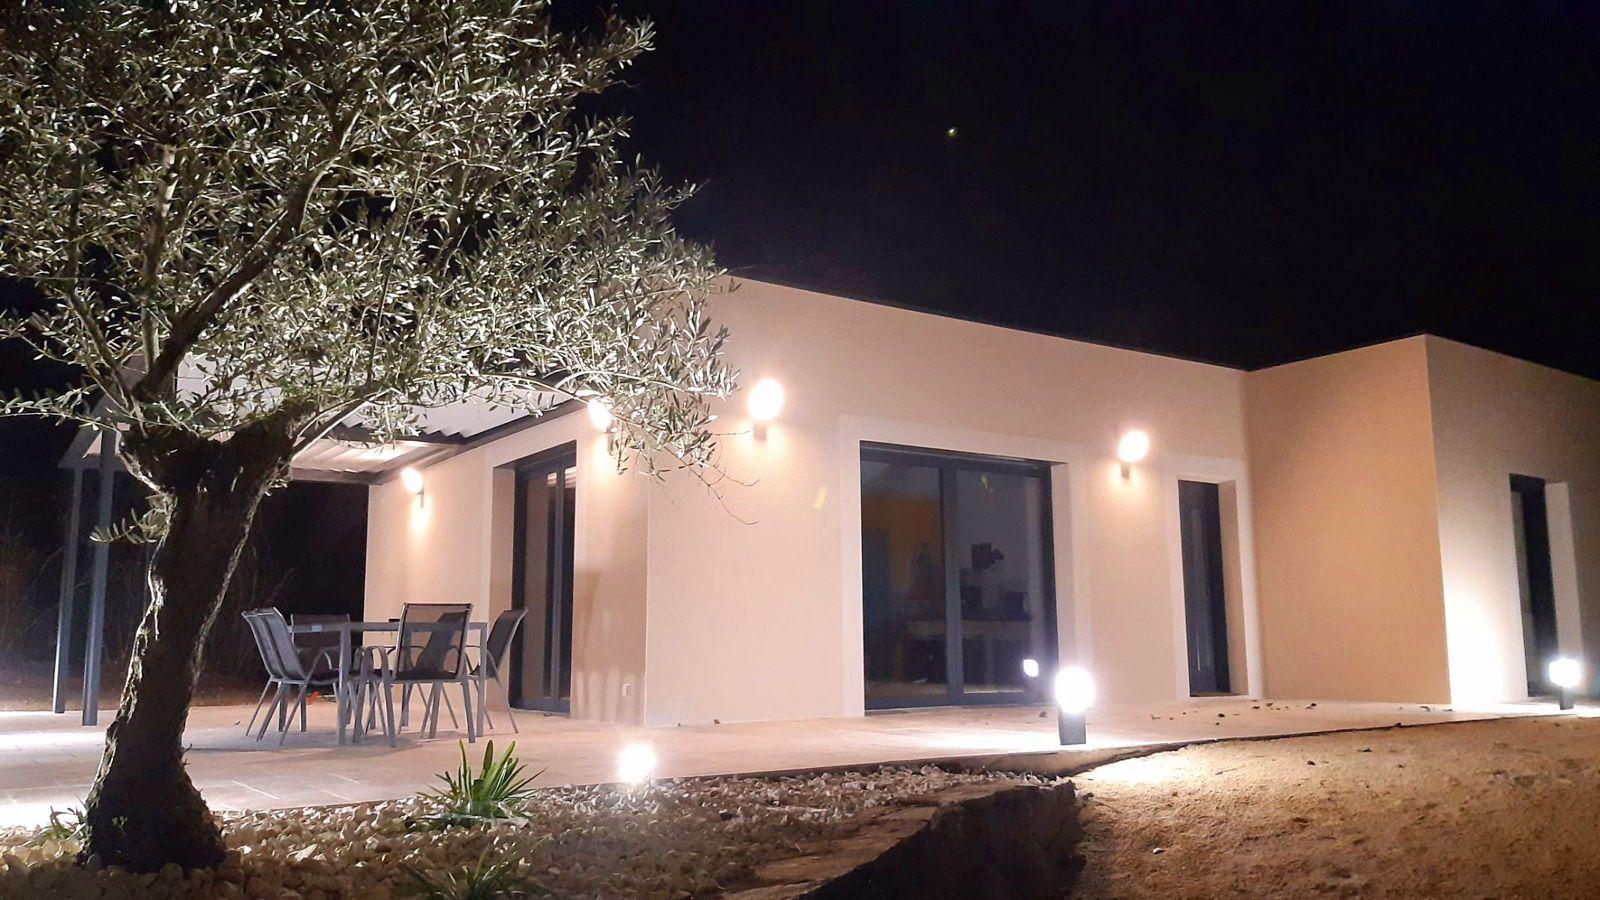 Loue Maison neuve Drôme des collines 2chambres 5couchages